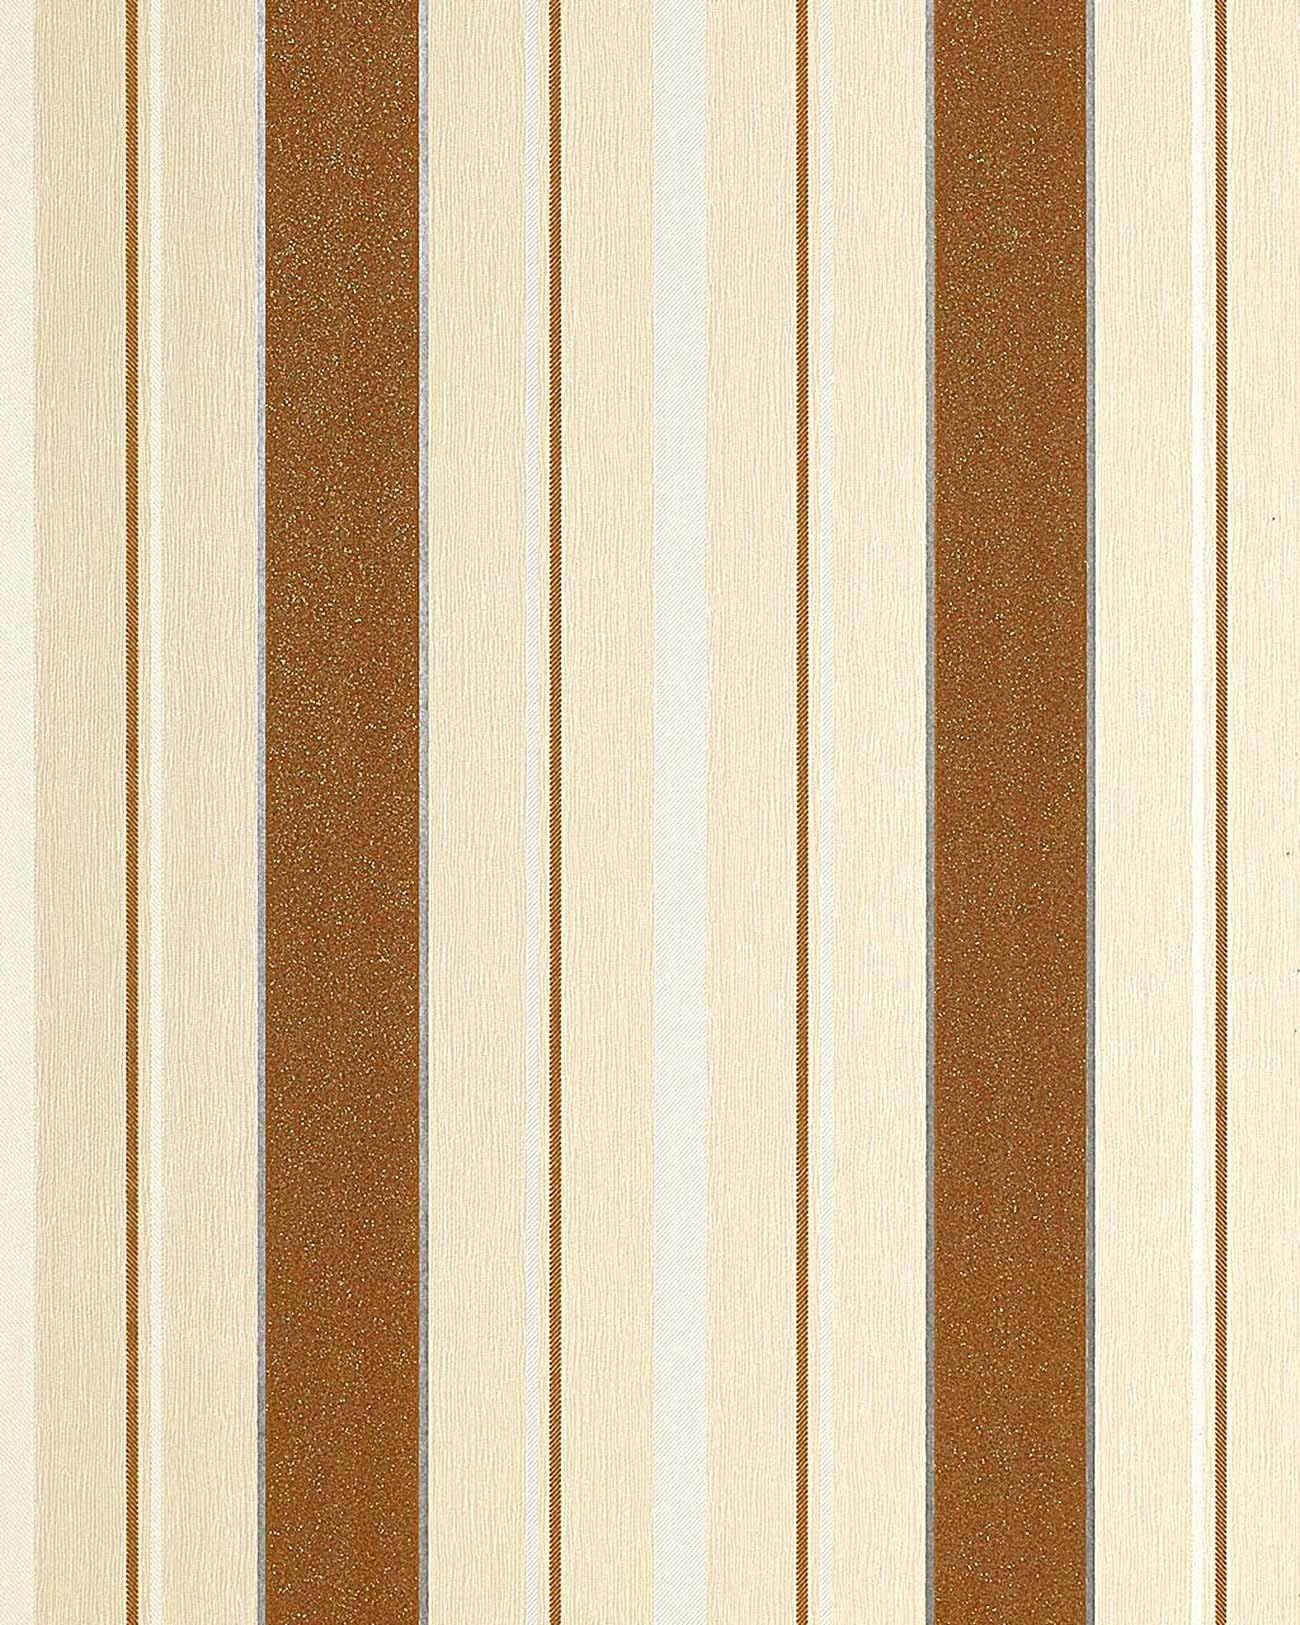 Carta da parati a righe con disegno a strisce edem 069 21 for Carta da parati a strisce